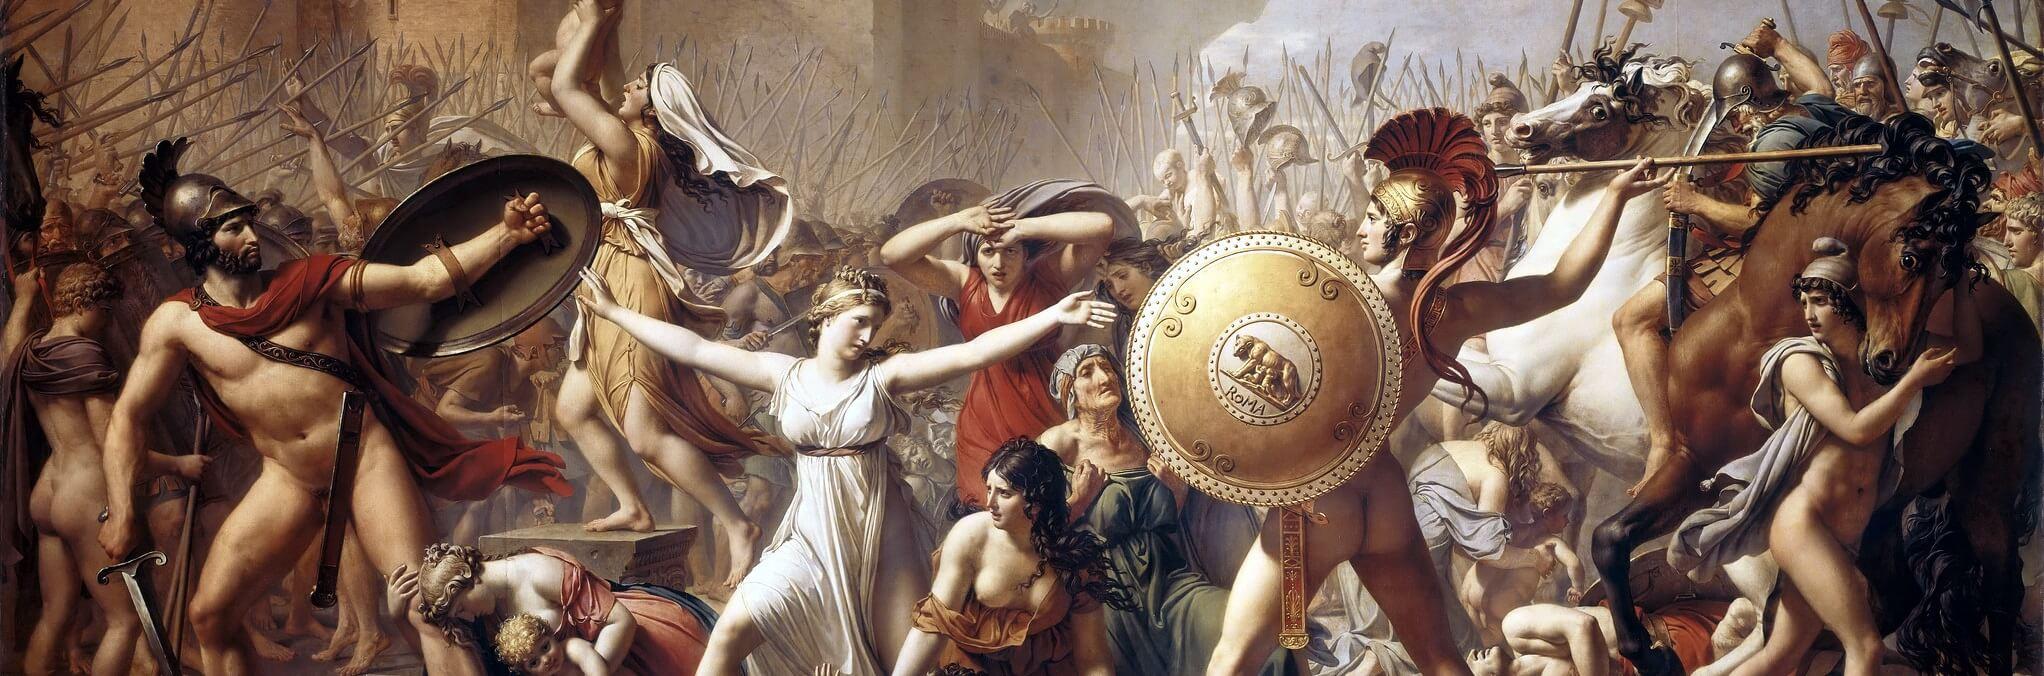 Artists - Jacques-Louis David